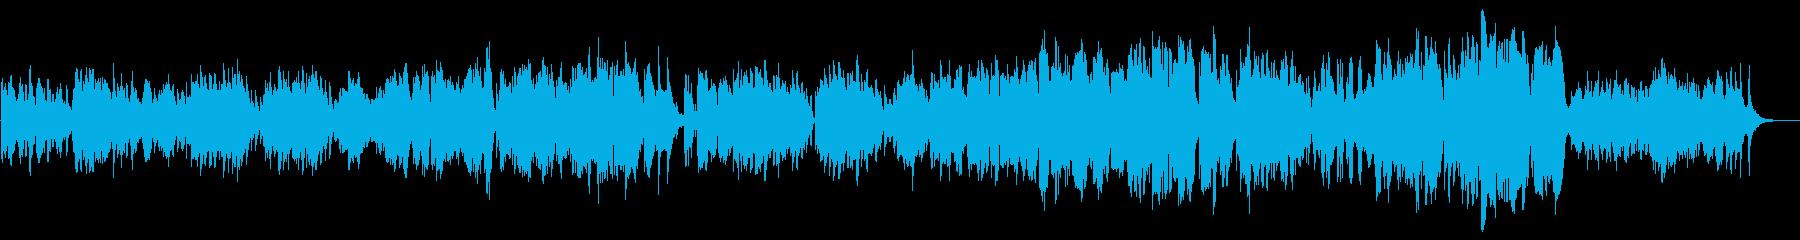 女性目線の結婚式用バラードの再生済みの波形